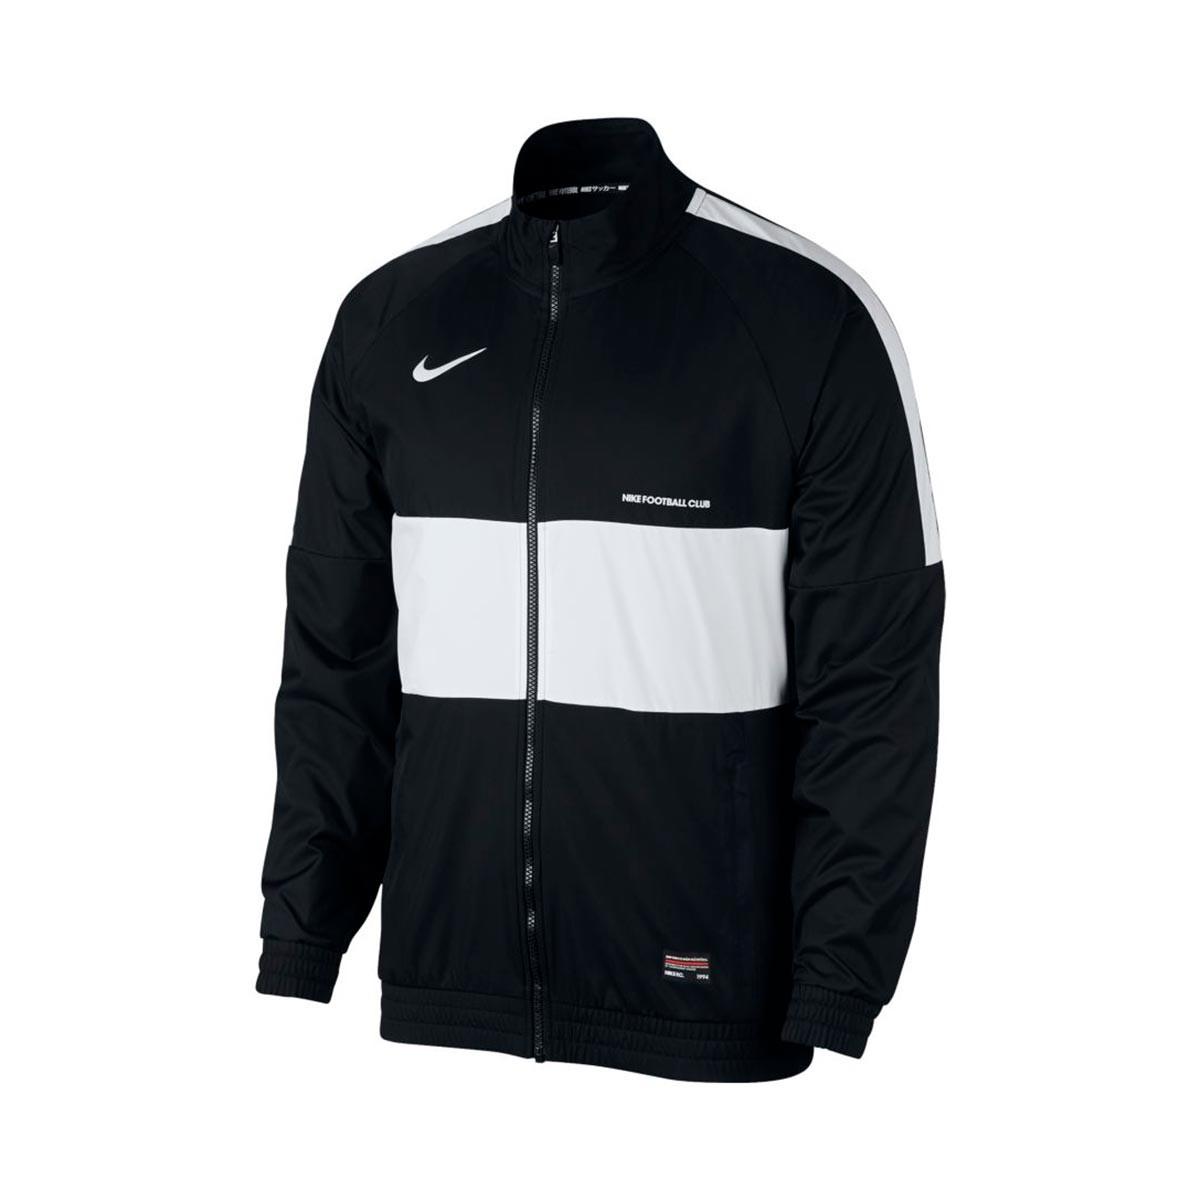 Nike Nike F.C. Jacket